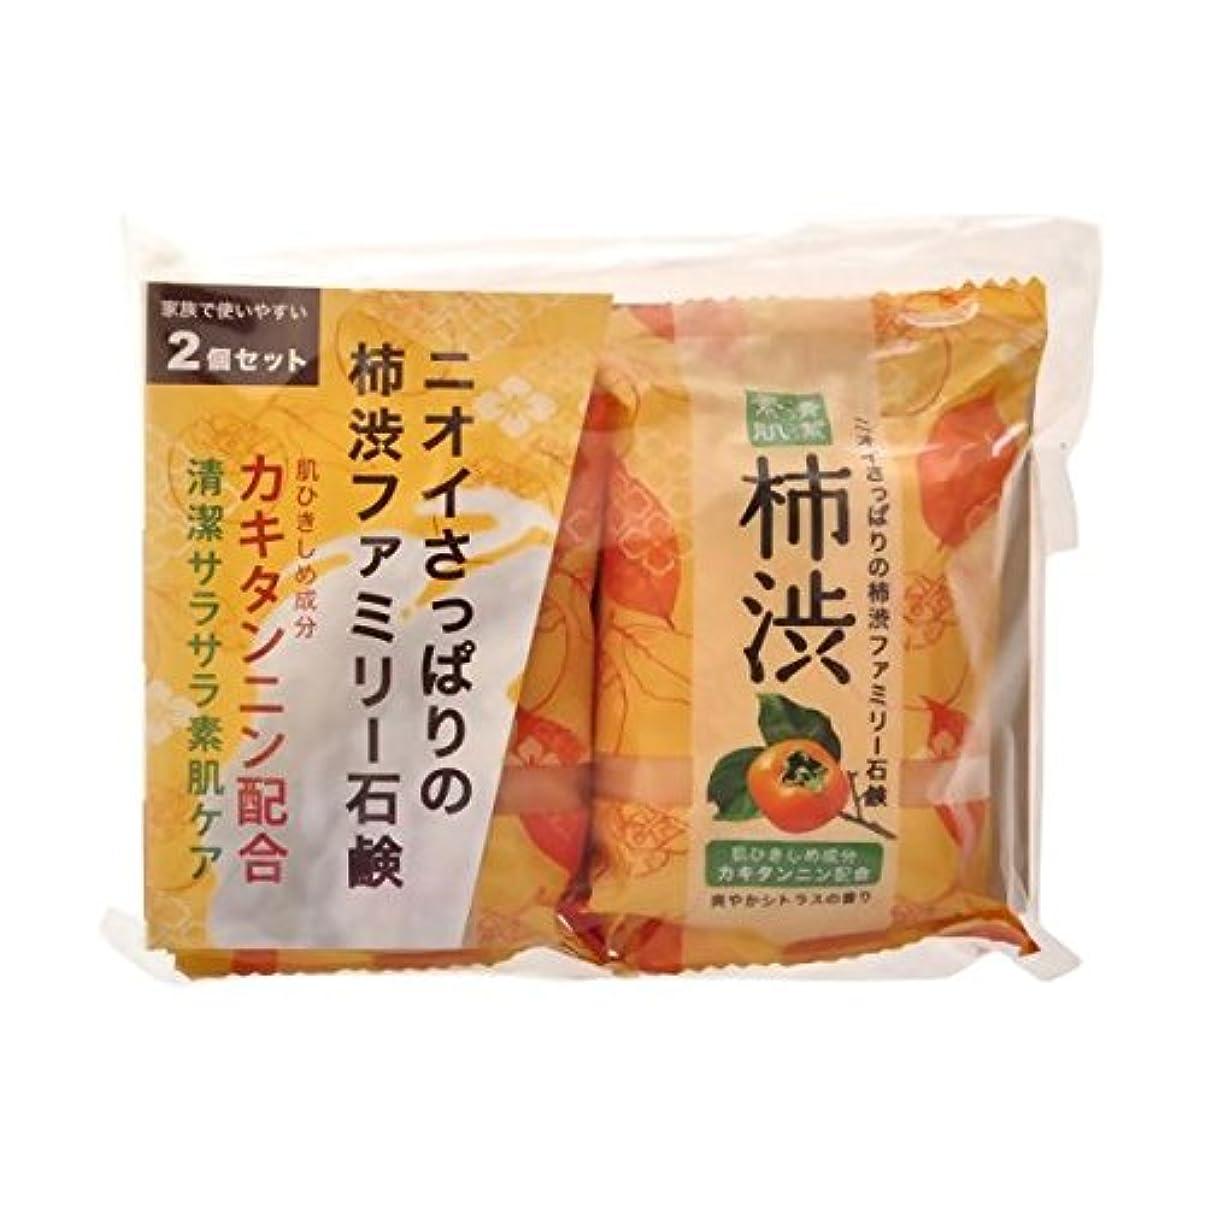 副詞ロッカー敵【お徳用 6 セット】 ペリカン 柿渋ファミリー石鹸 80g×2個×6セット